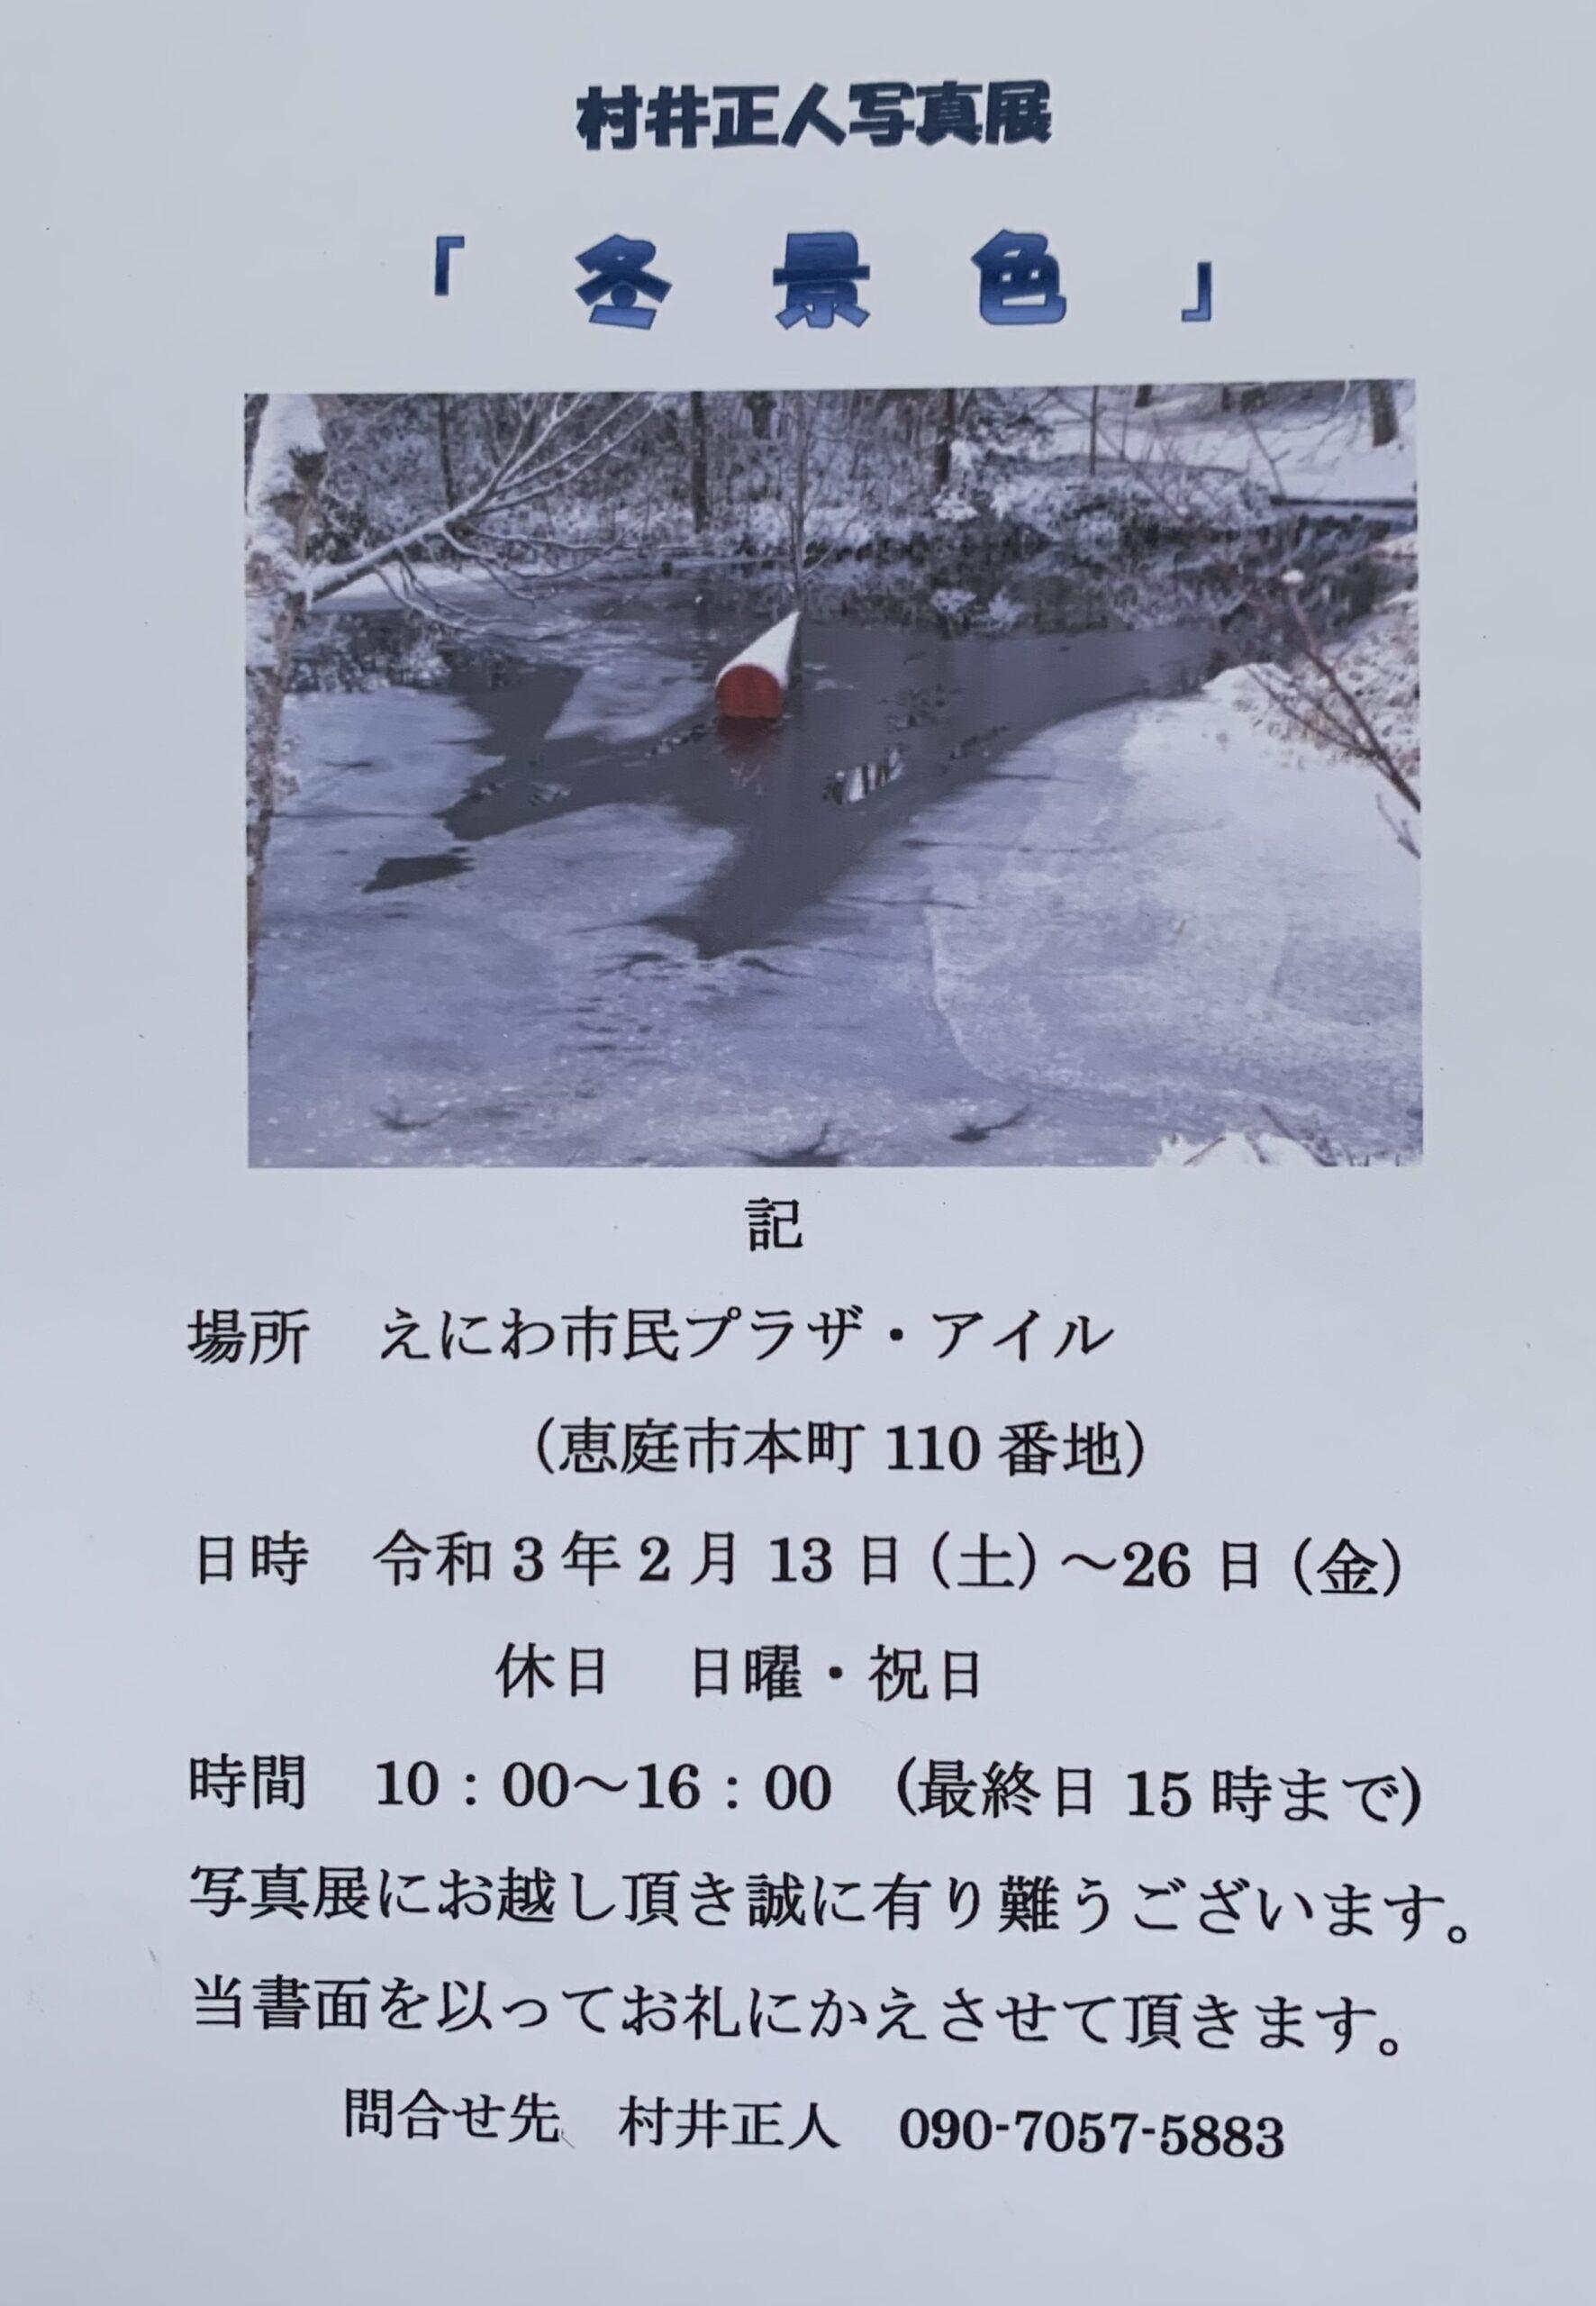 「村井正人 恵写展」を開催しました